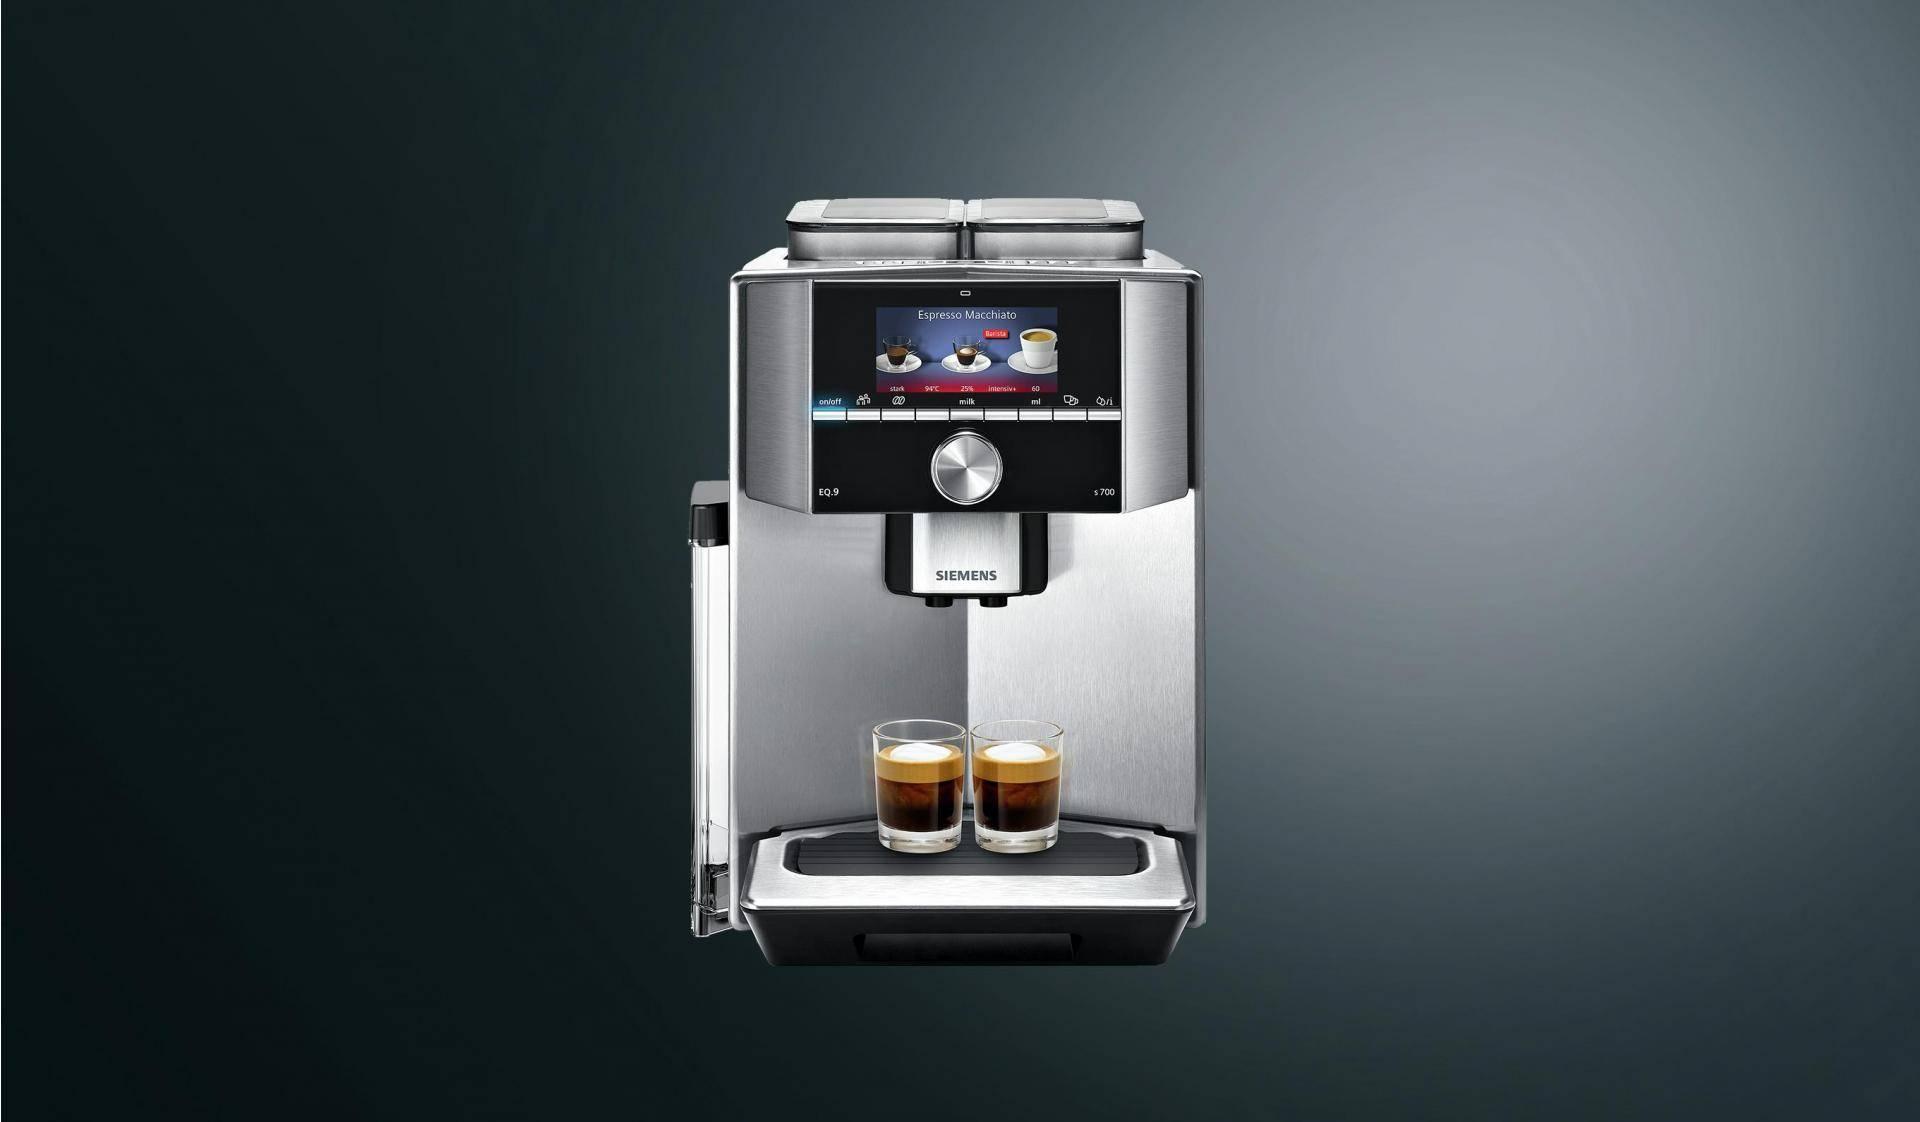 Обзор лучших кофемашин siemens для дома и офиса в 2021 году